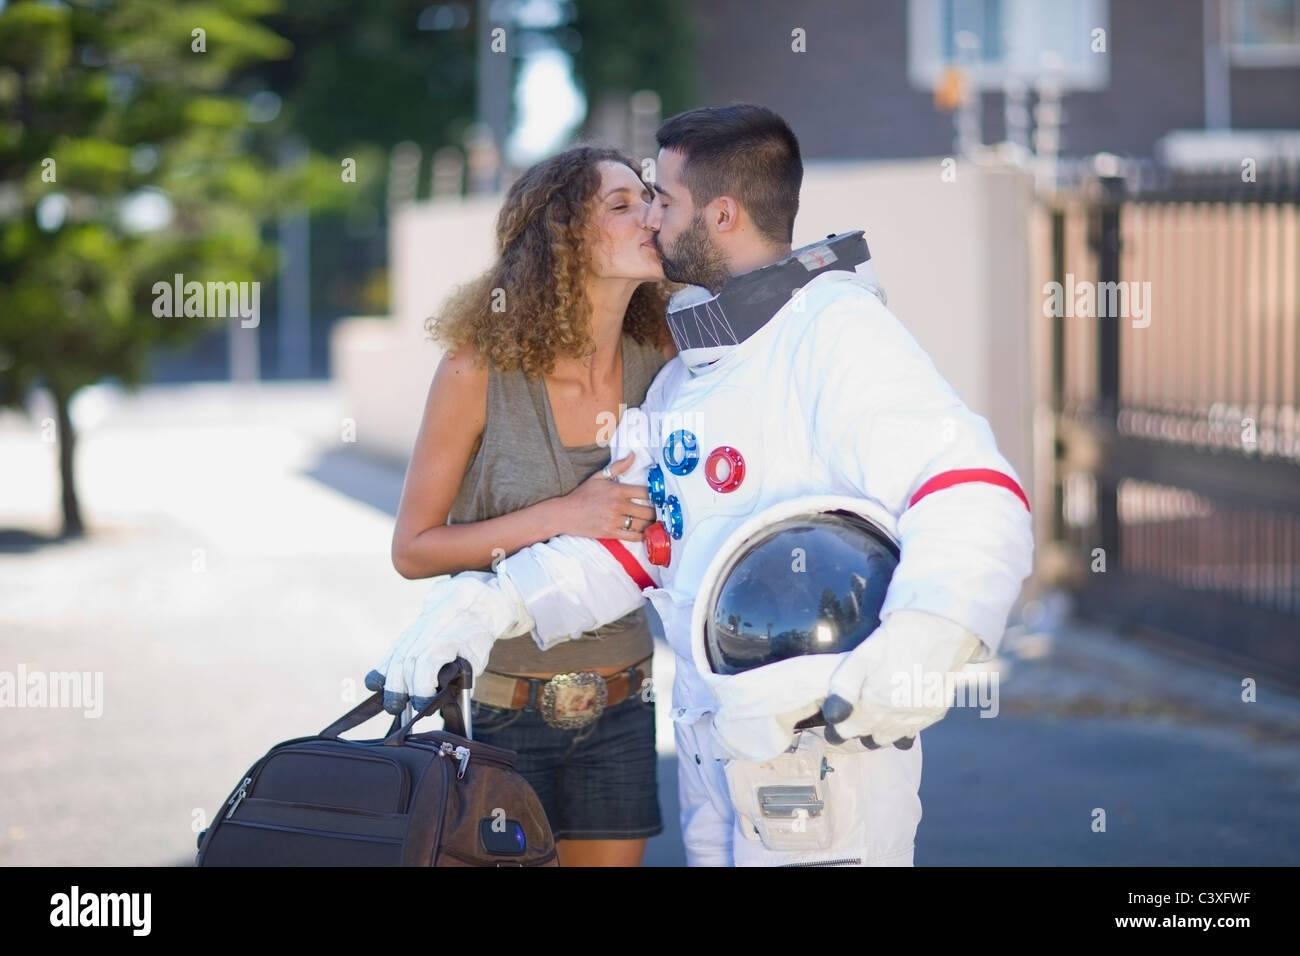 Donna baciando un astronauta Immagini Stock